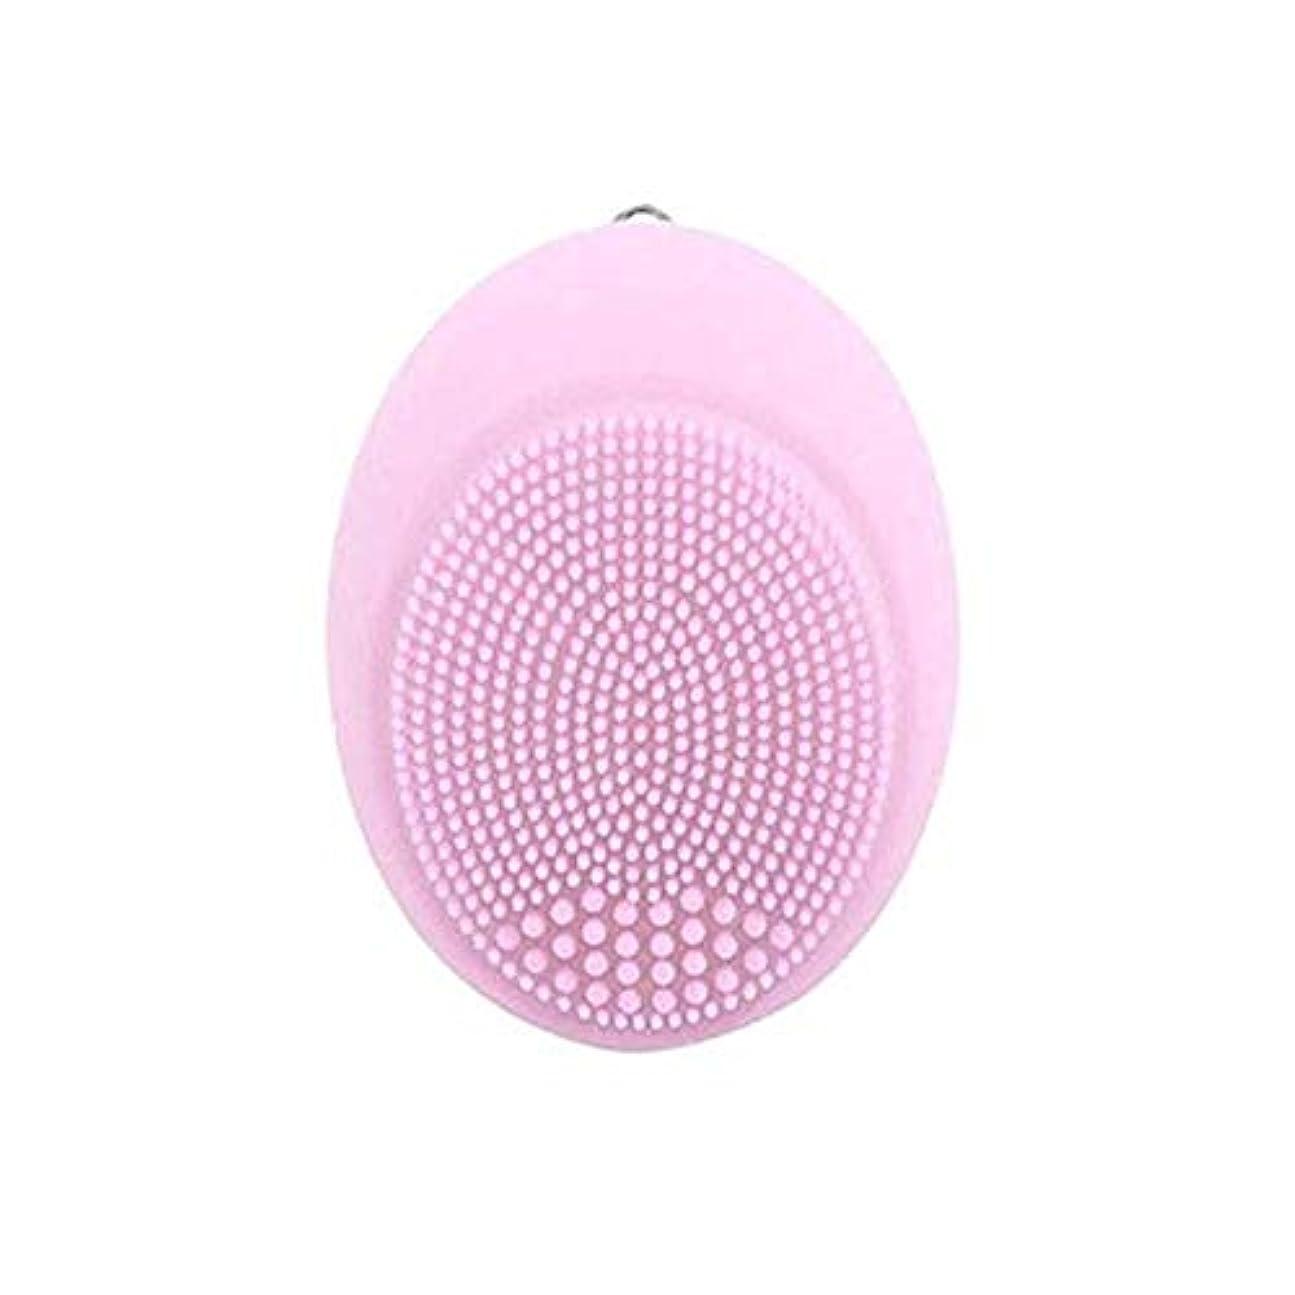 節約する協力する他のバンドでソニックバイブレーションフェイシャルクレンジングブラシ、シリコンディープクレンジングブラシスキンクレンザーアンチエイジングジェントルエクスフォリエイティングリジュビネイトスキンマルチカラー (Color : Pink)